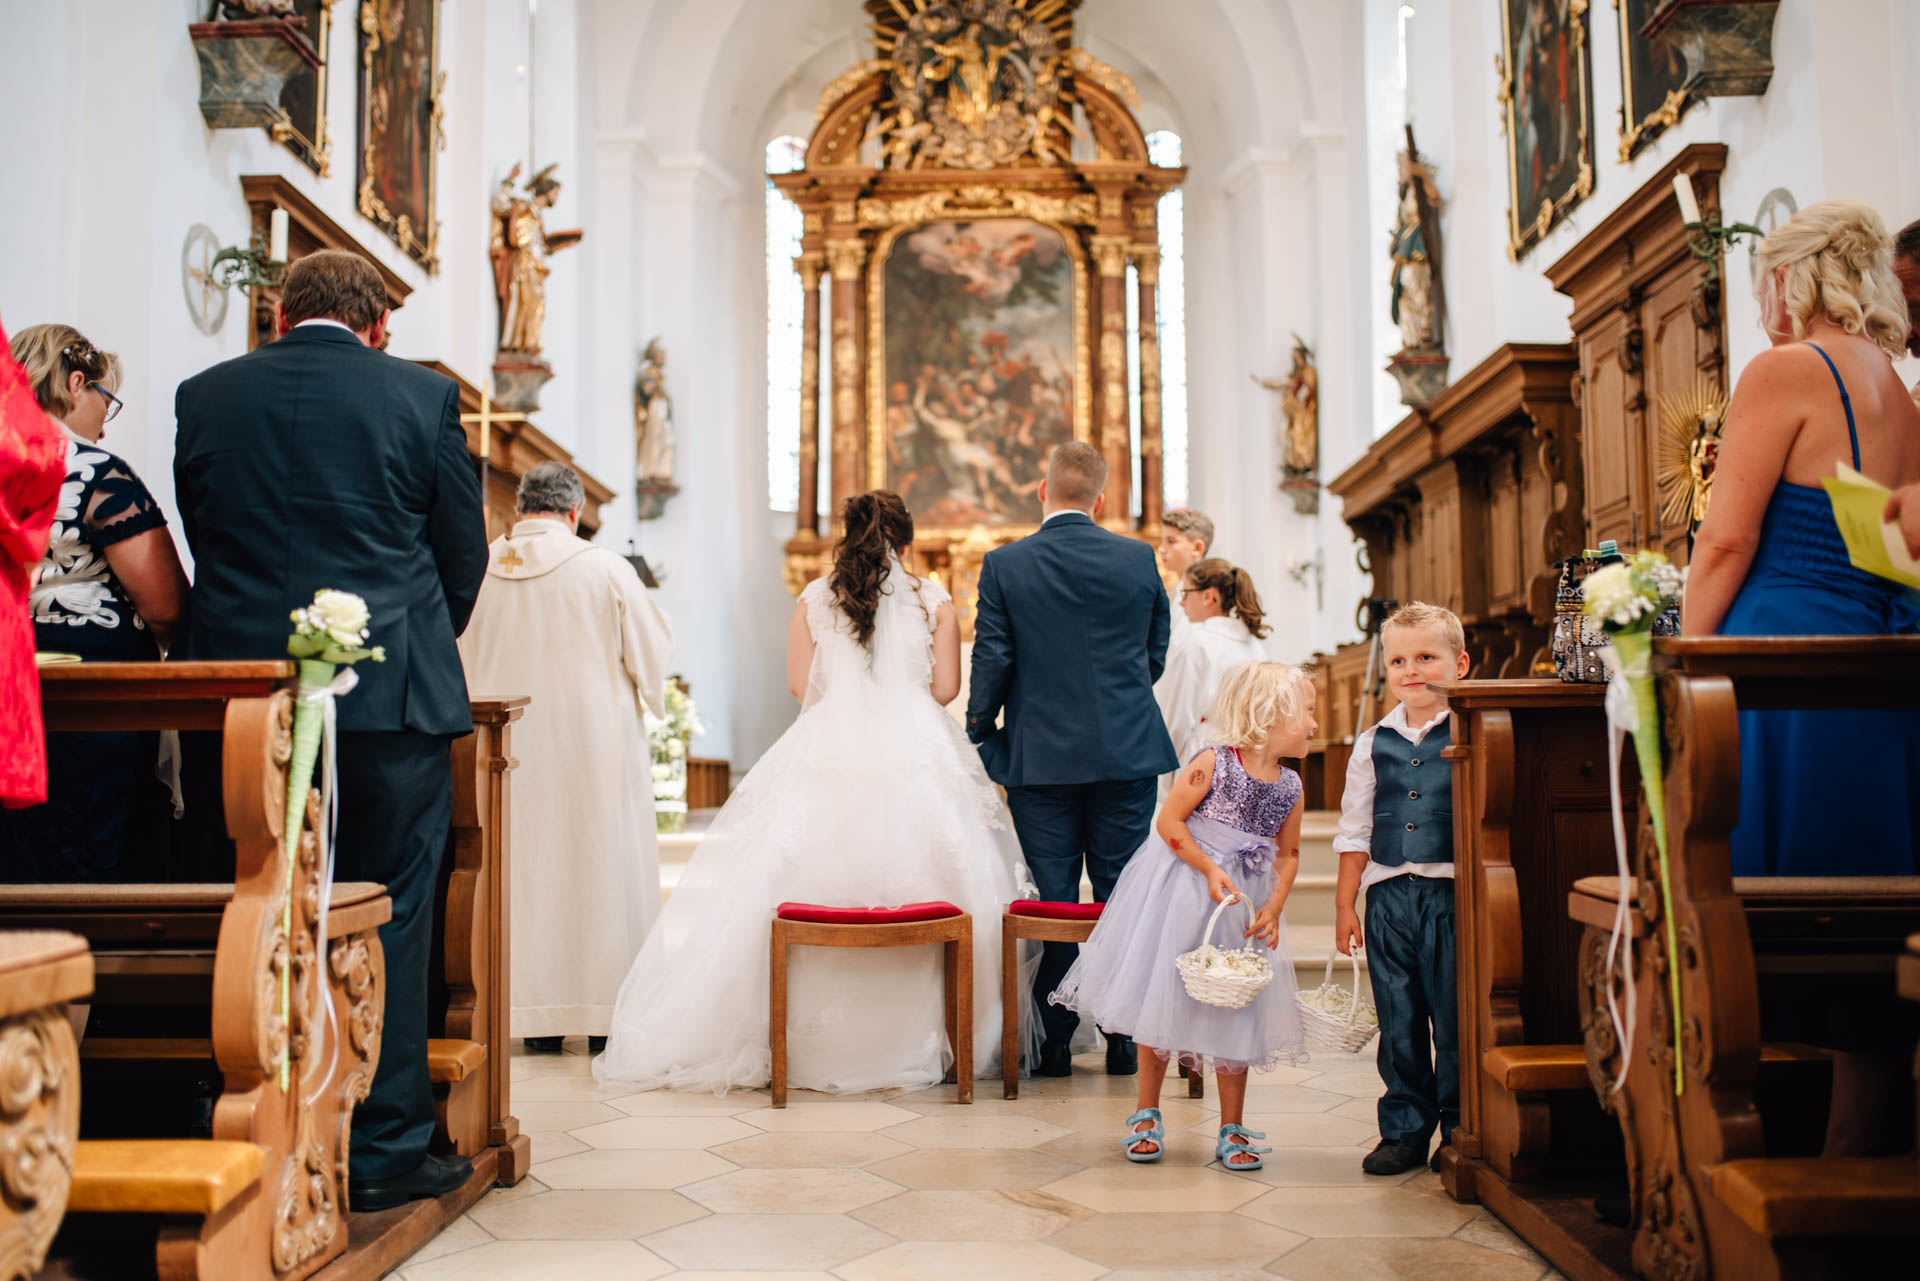 St. Emmerald Spalt, kirchliche Trauung Spalt, Herzfotografie, Hochzeitsfotografie, Fotograf Hochzeit Spalt